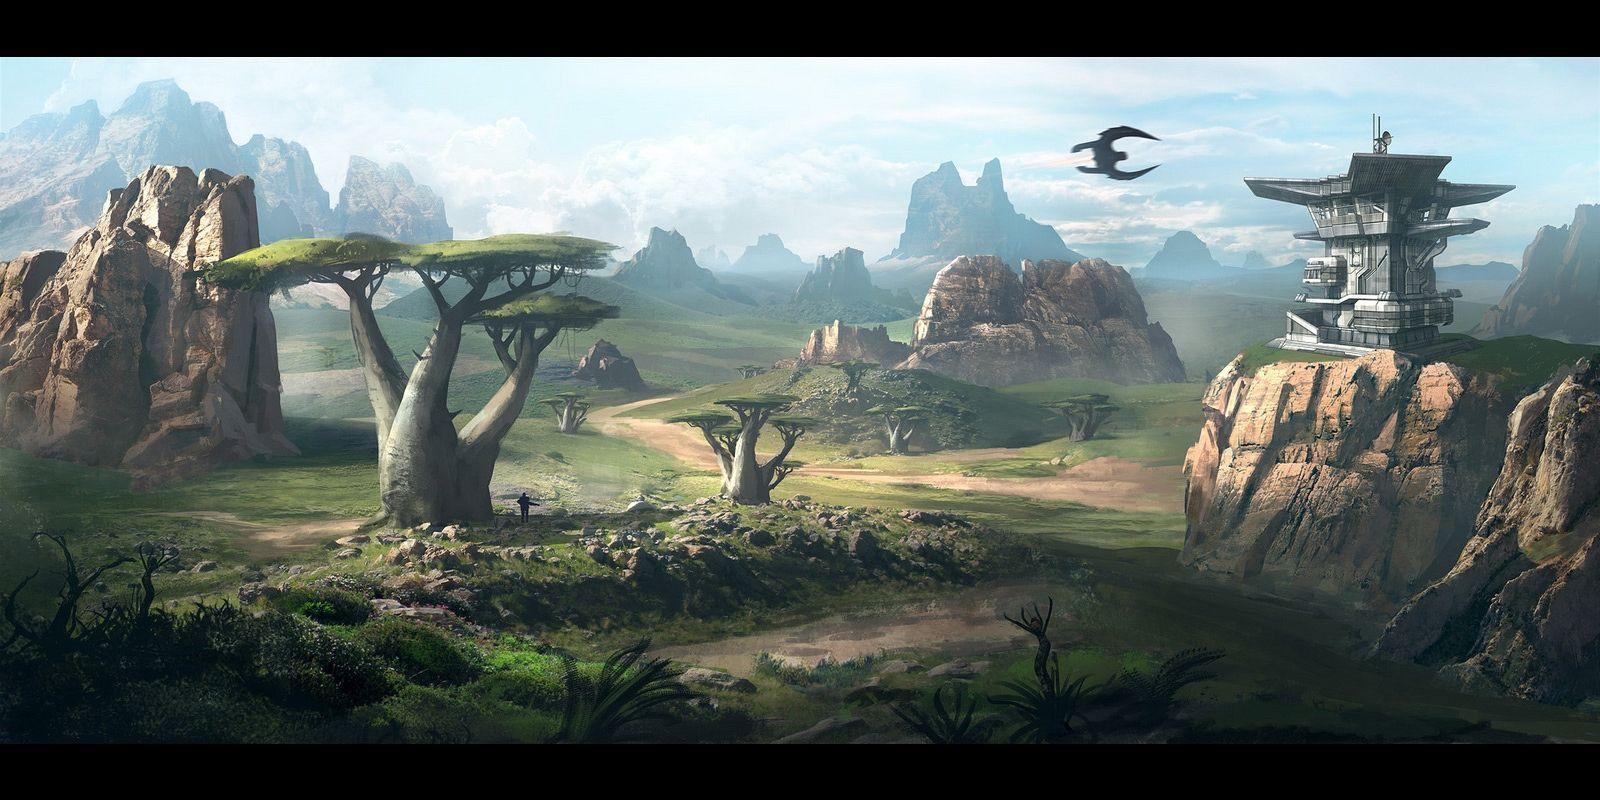 Sci Fi Fantasy Landscape Fantasy Landscape Wallpaper Background 1600 X 800 Id 319236 Concept Art World Fantasy Landscape Environment Concept Art